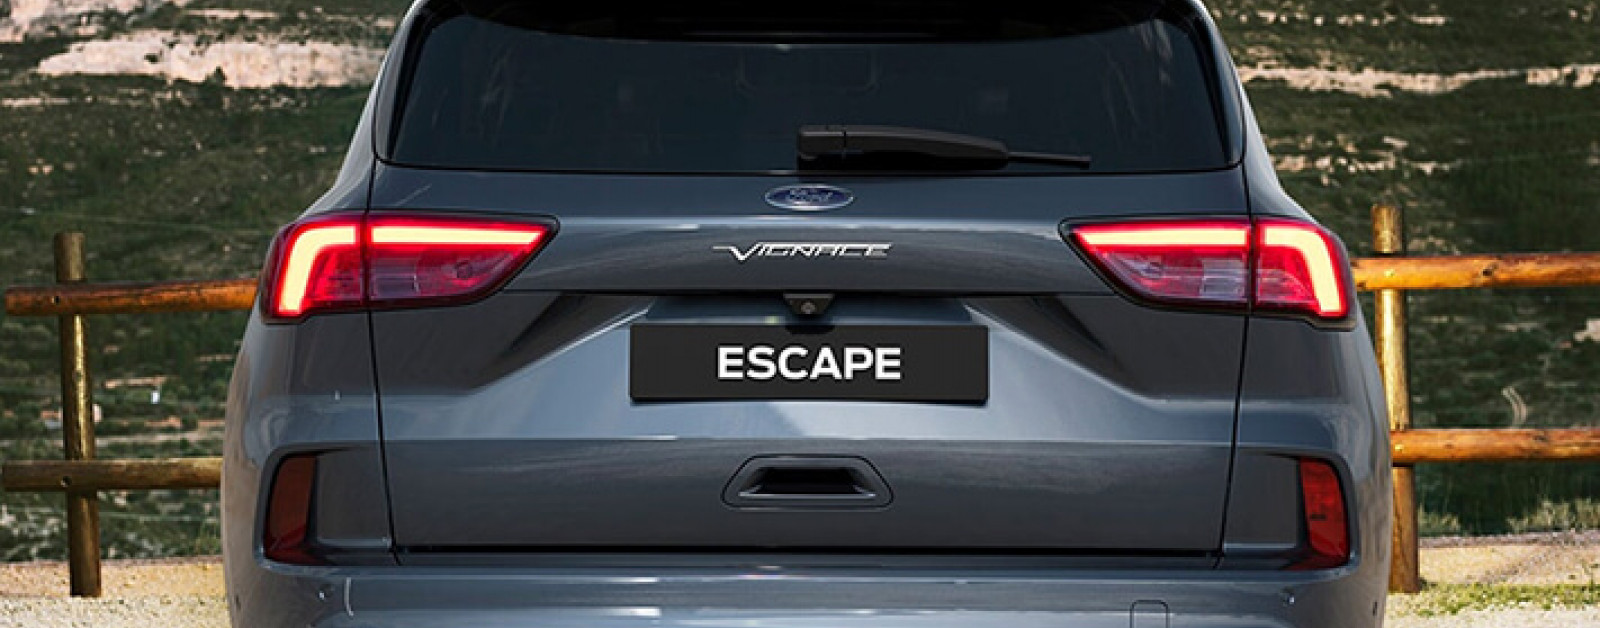 All-New Escape